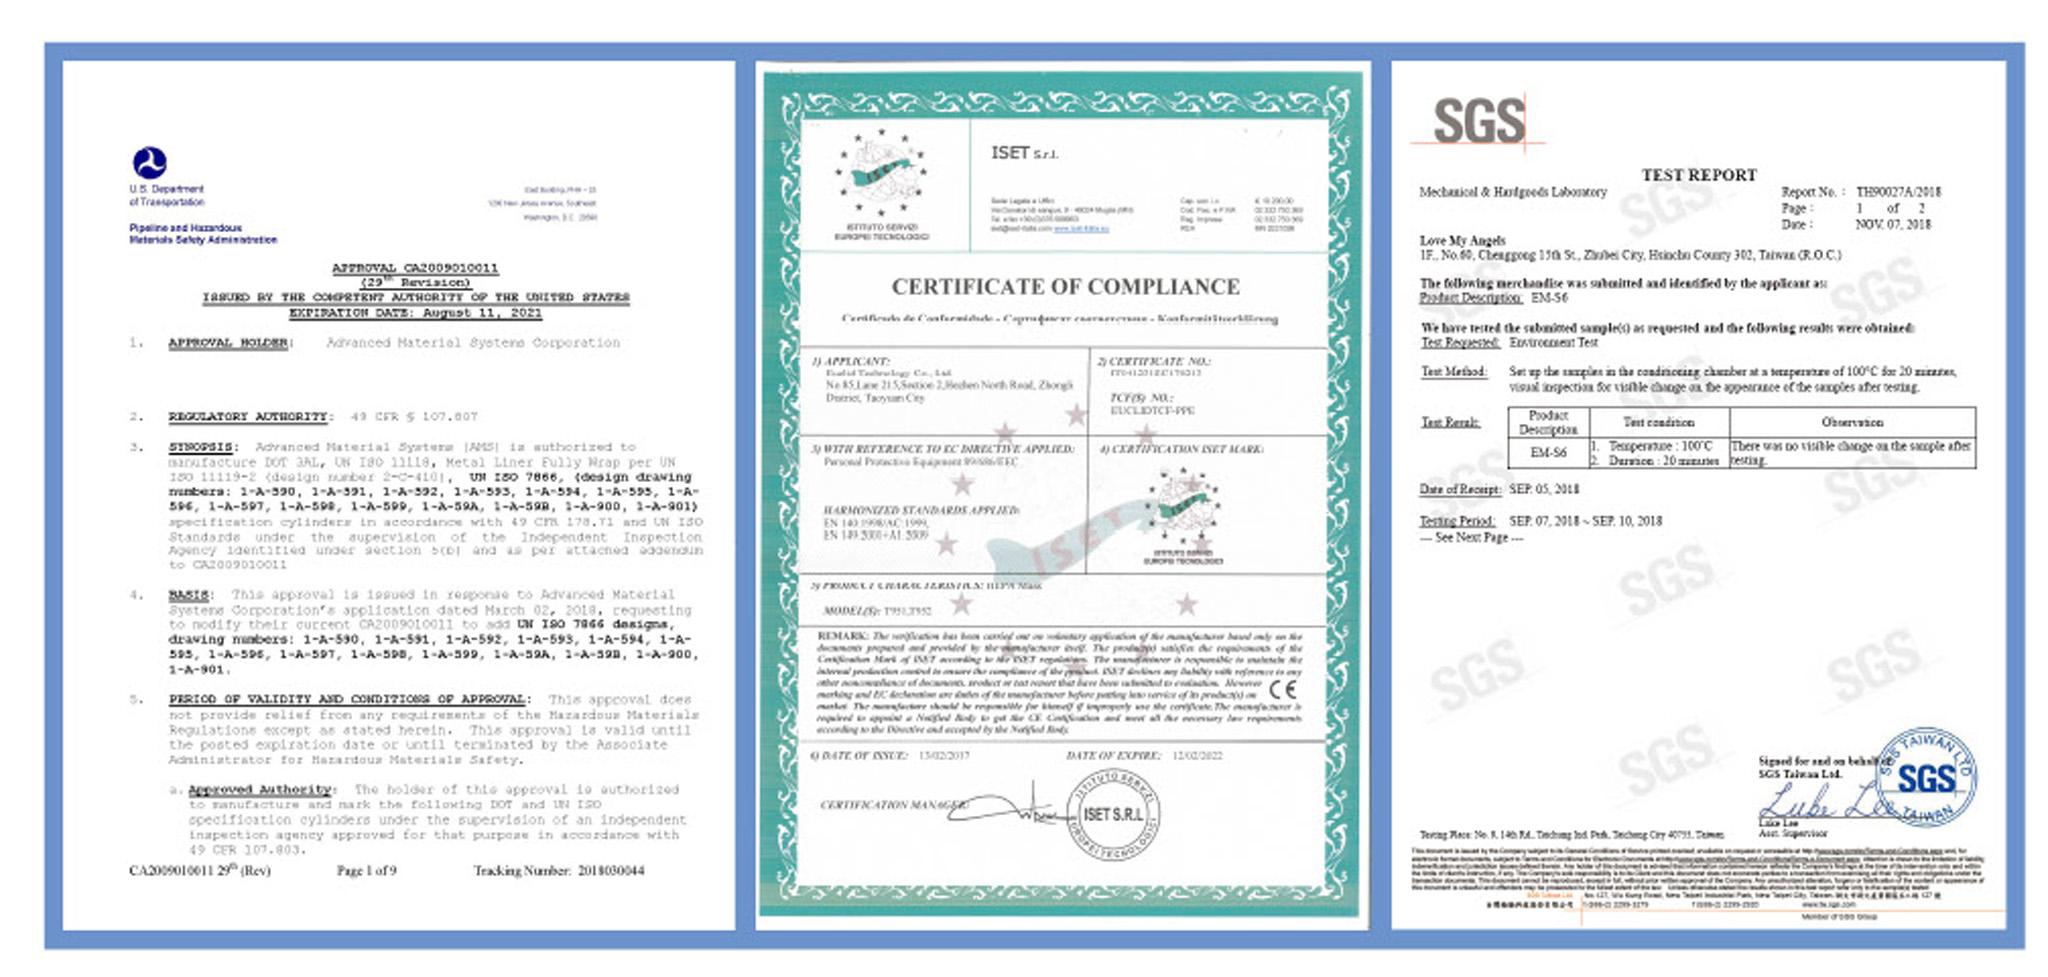 羅曼安佐「火災防煙面罩 」通過多項專業認證,包括美國運輸部、CE及SGS等認證。